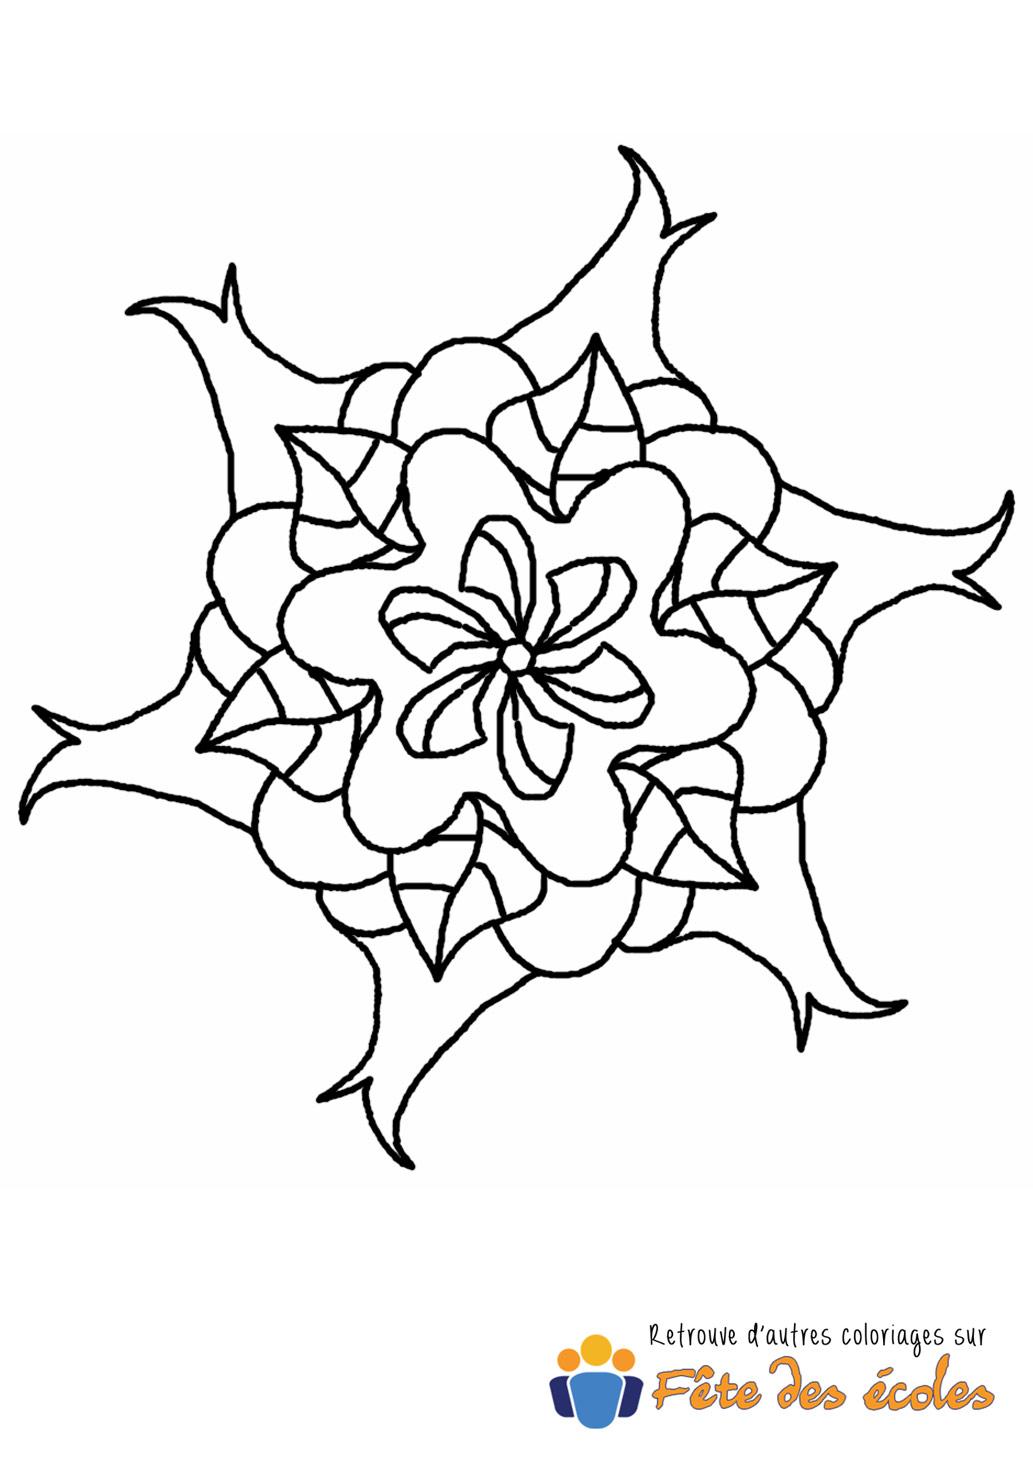 Coloriage Etoile Mandala.Coloriage De Mandala Etoile